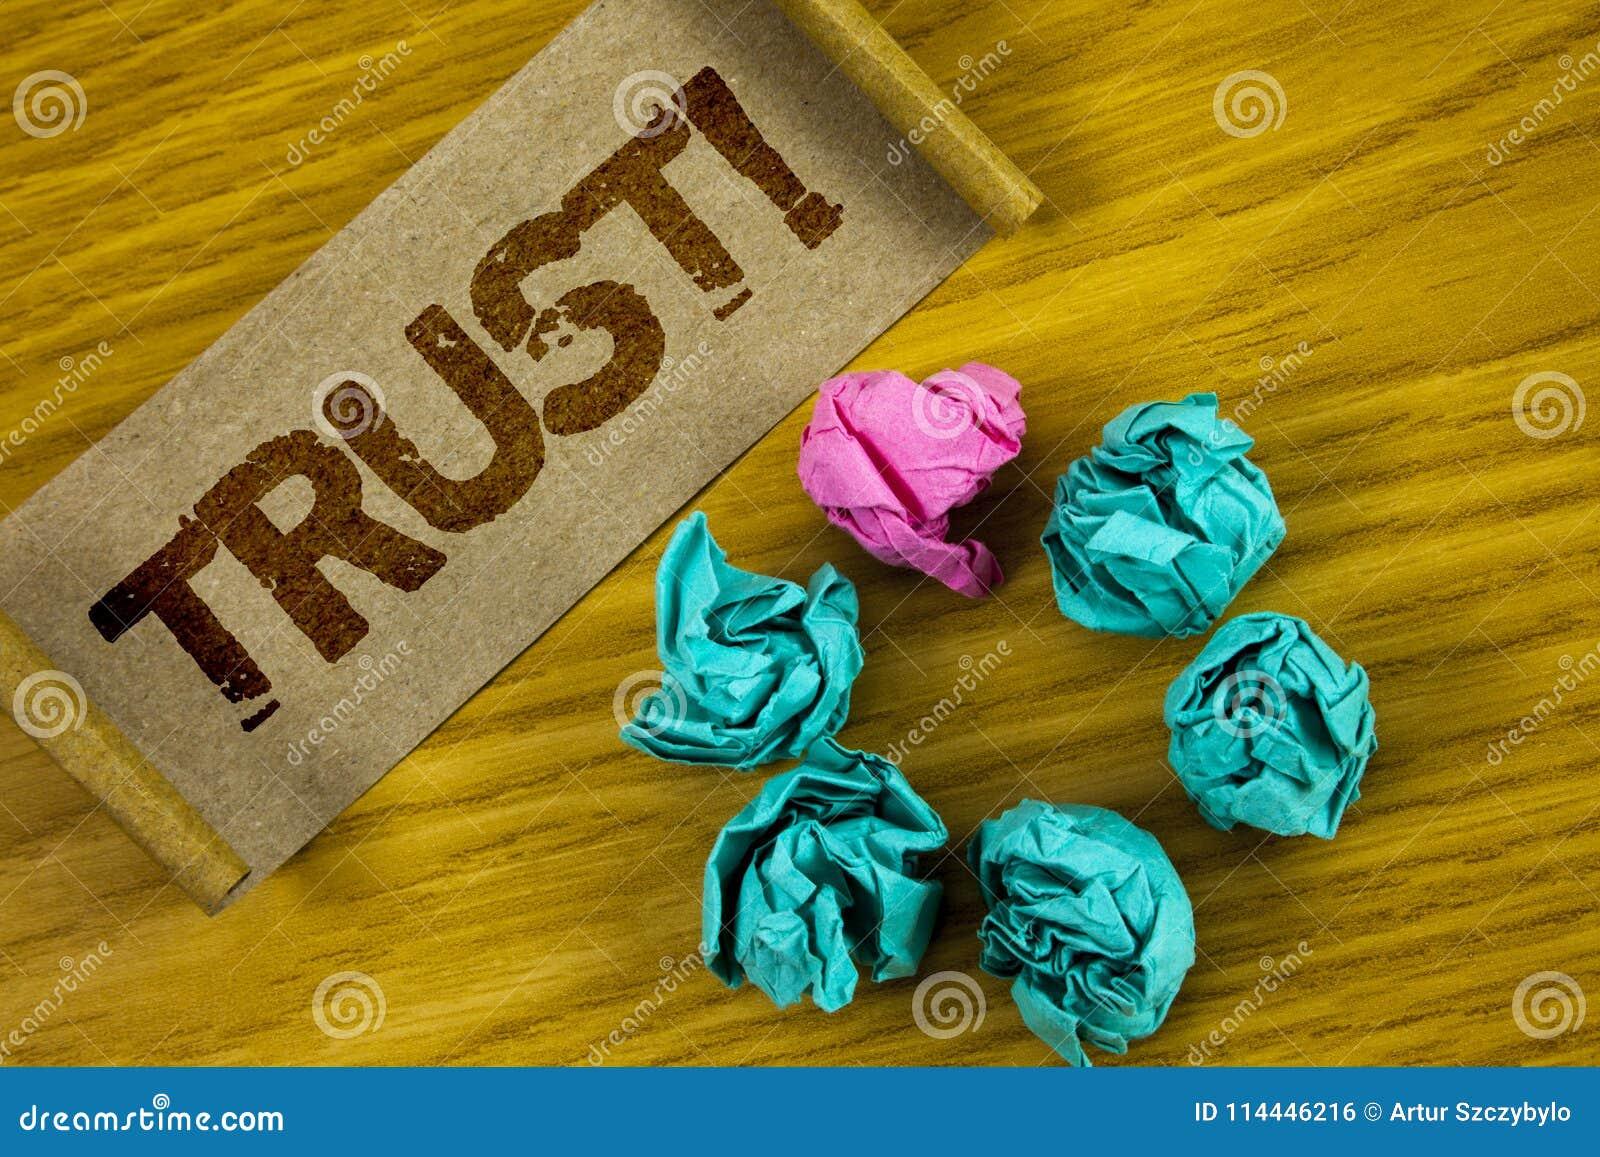 La Credenza Significato : Chiamata motivazionale di fiducia scrittura del testo della